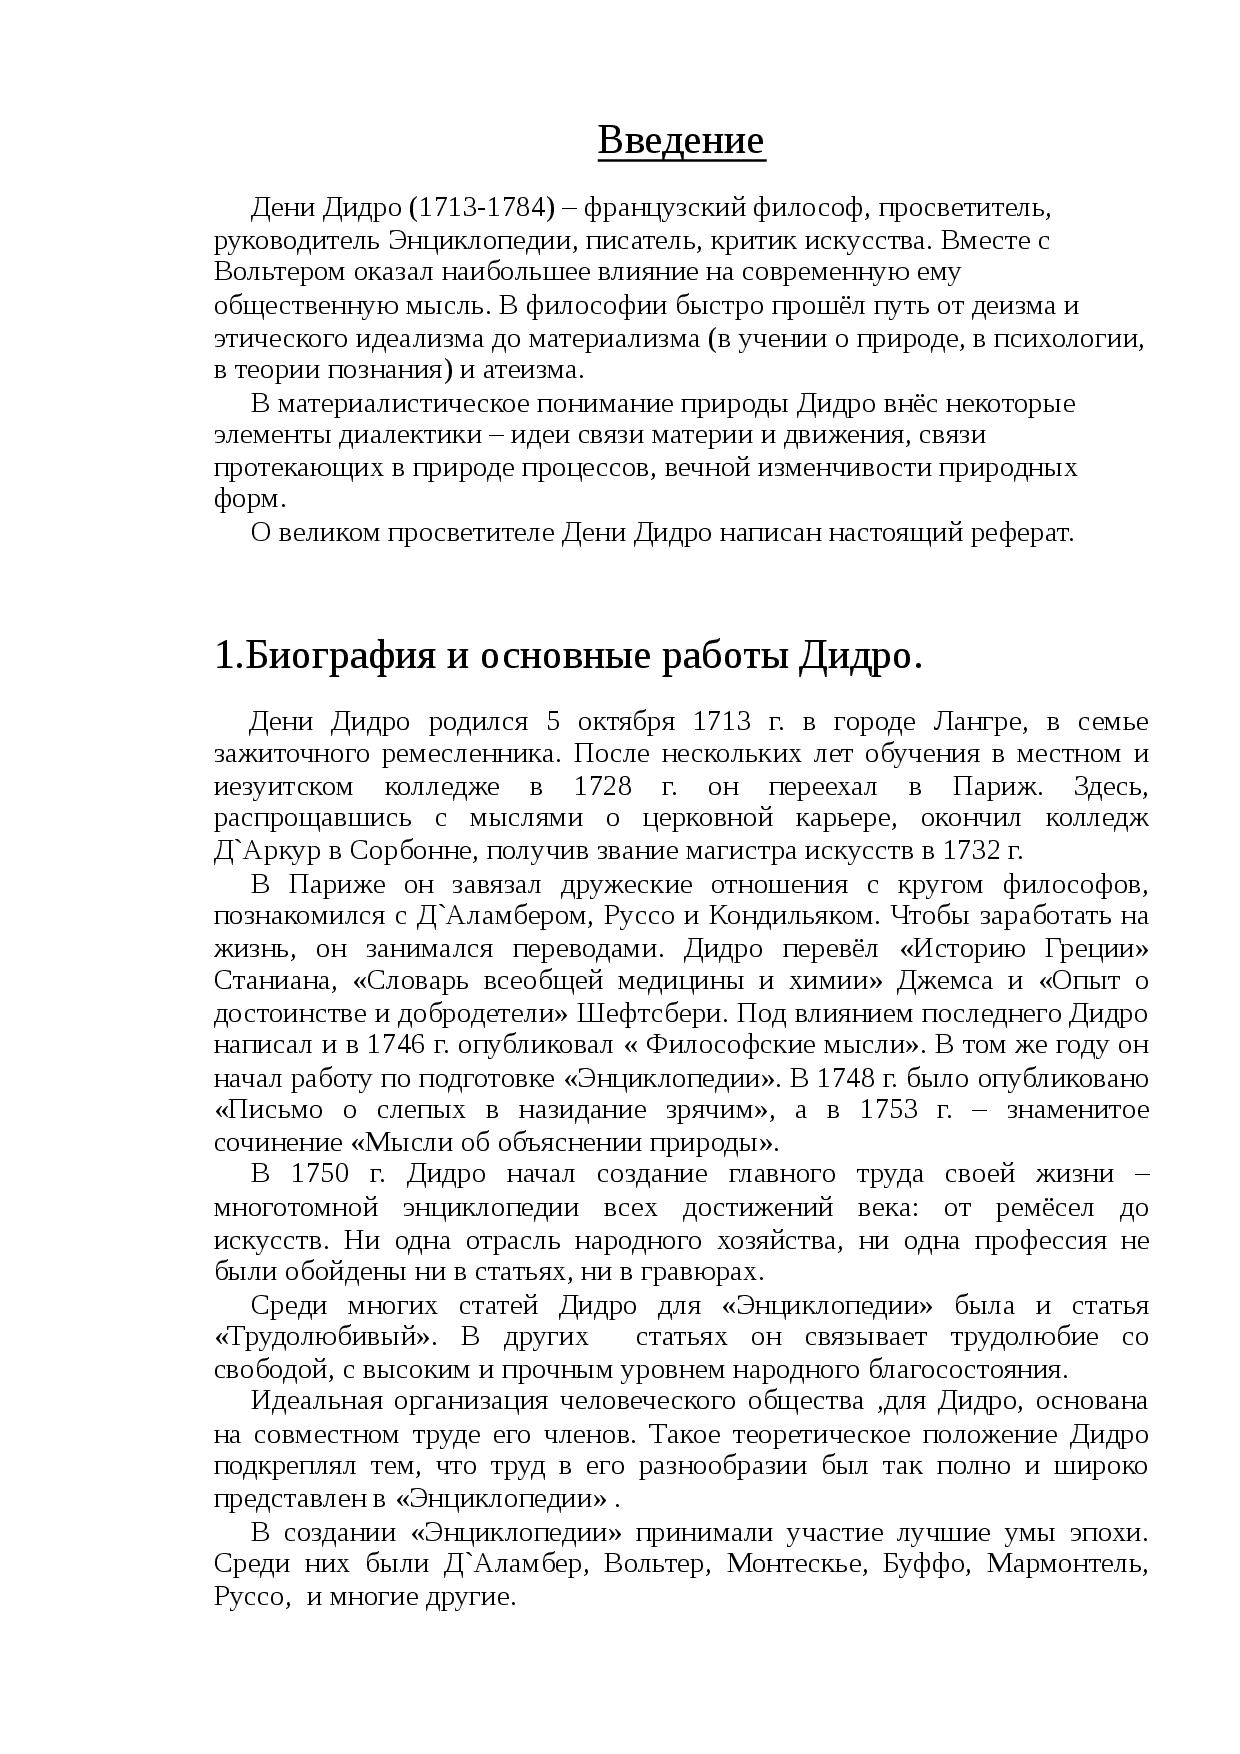 Что такое идеал и идеализм?